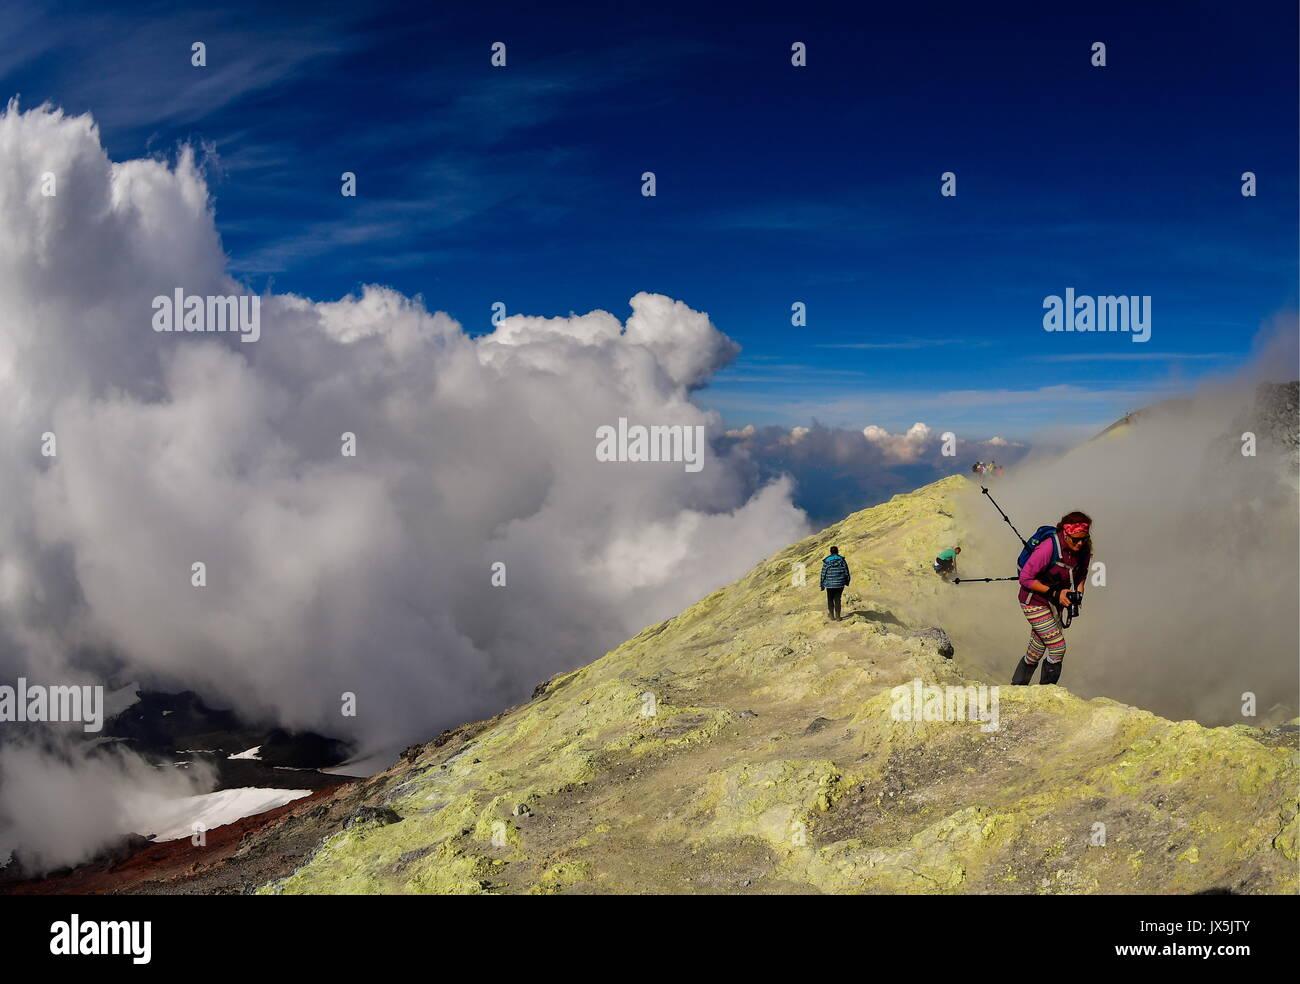 Territoire du Kamtchatka, en Russie. 12Th Aug 2017. Les touristes à la cratère d'Avachinsky stratovolcan actif. Crédit: Yuri/Smityuk TASS/Alamy Live News Photo Stock